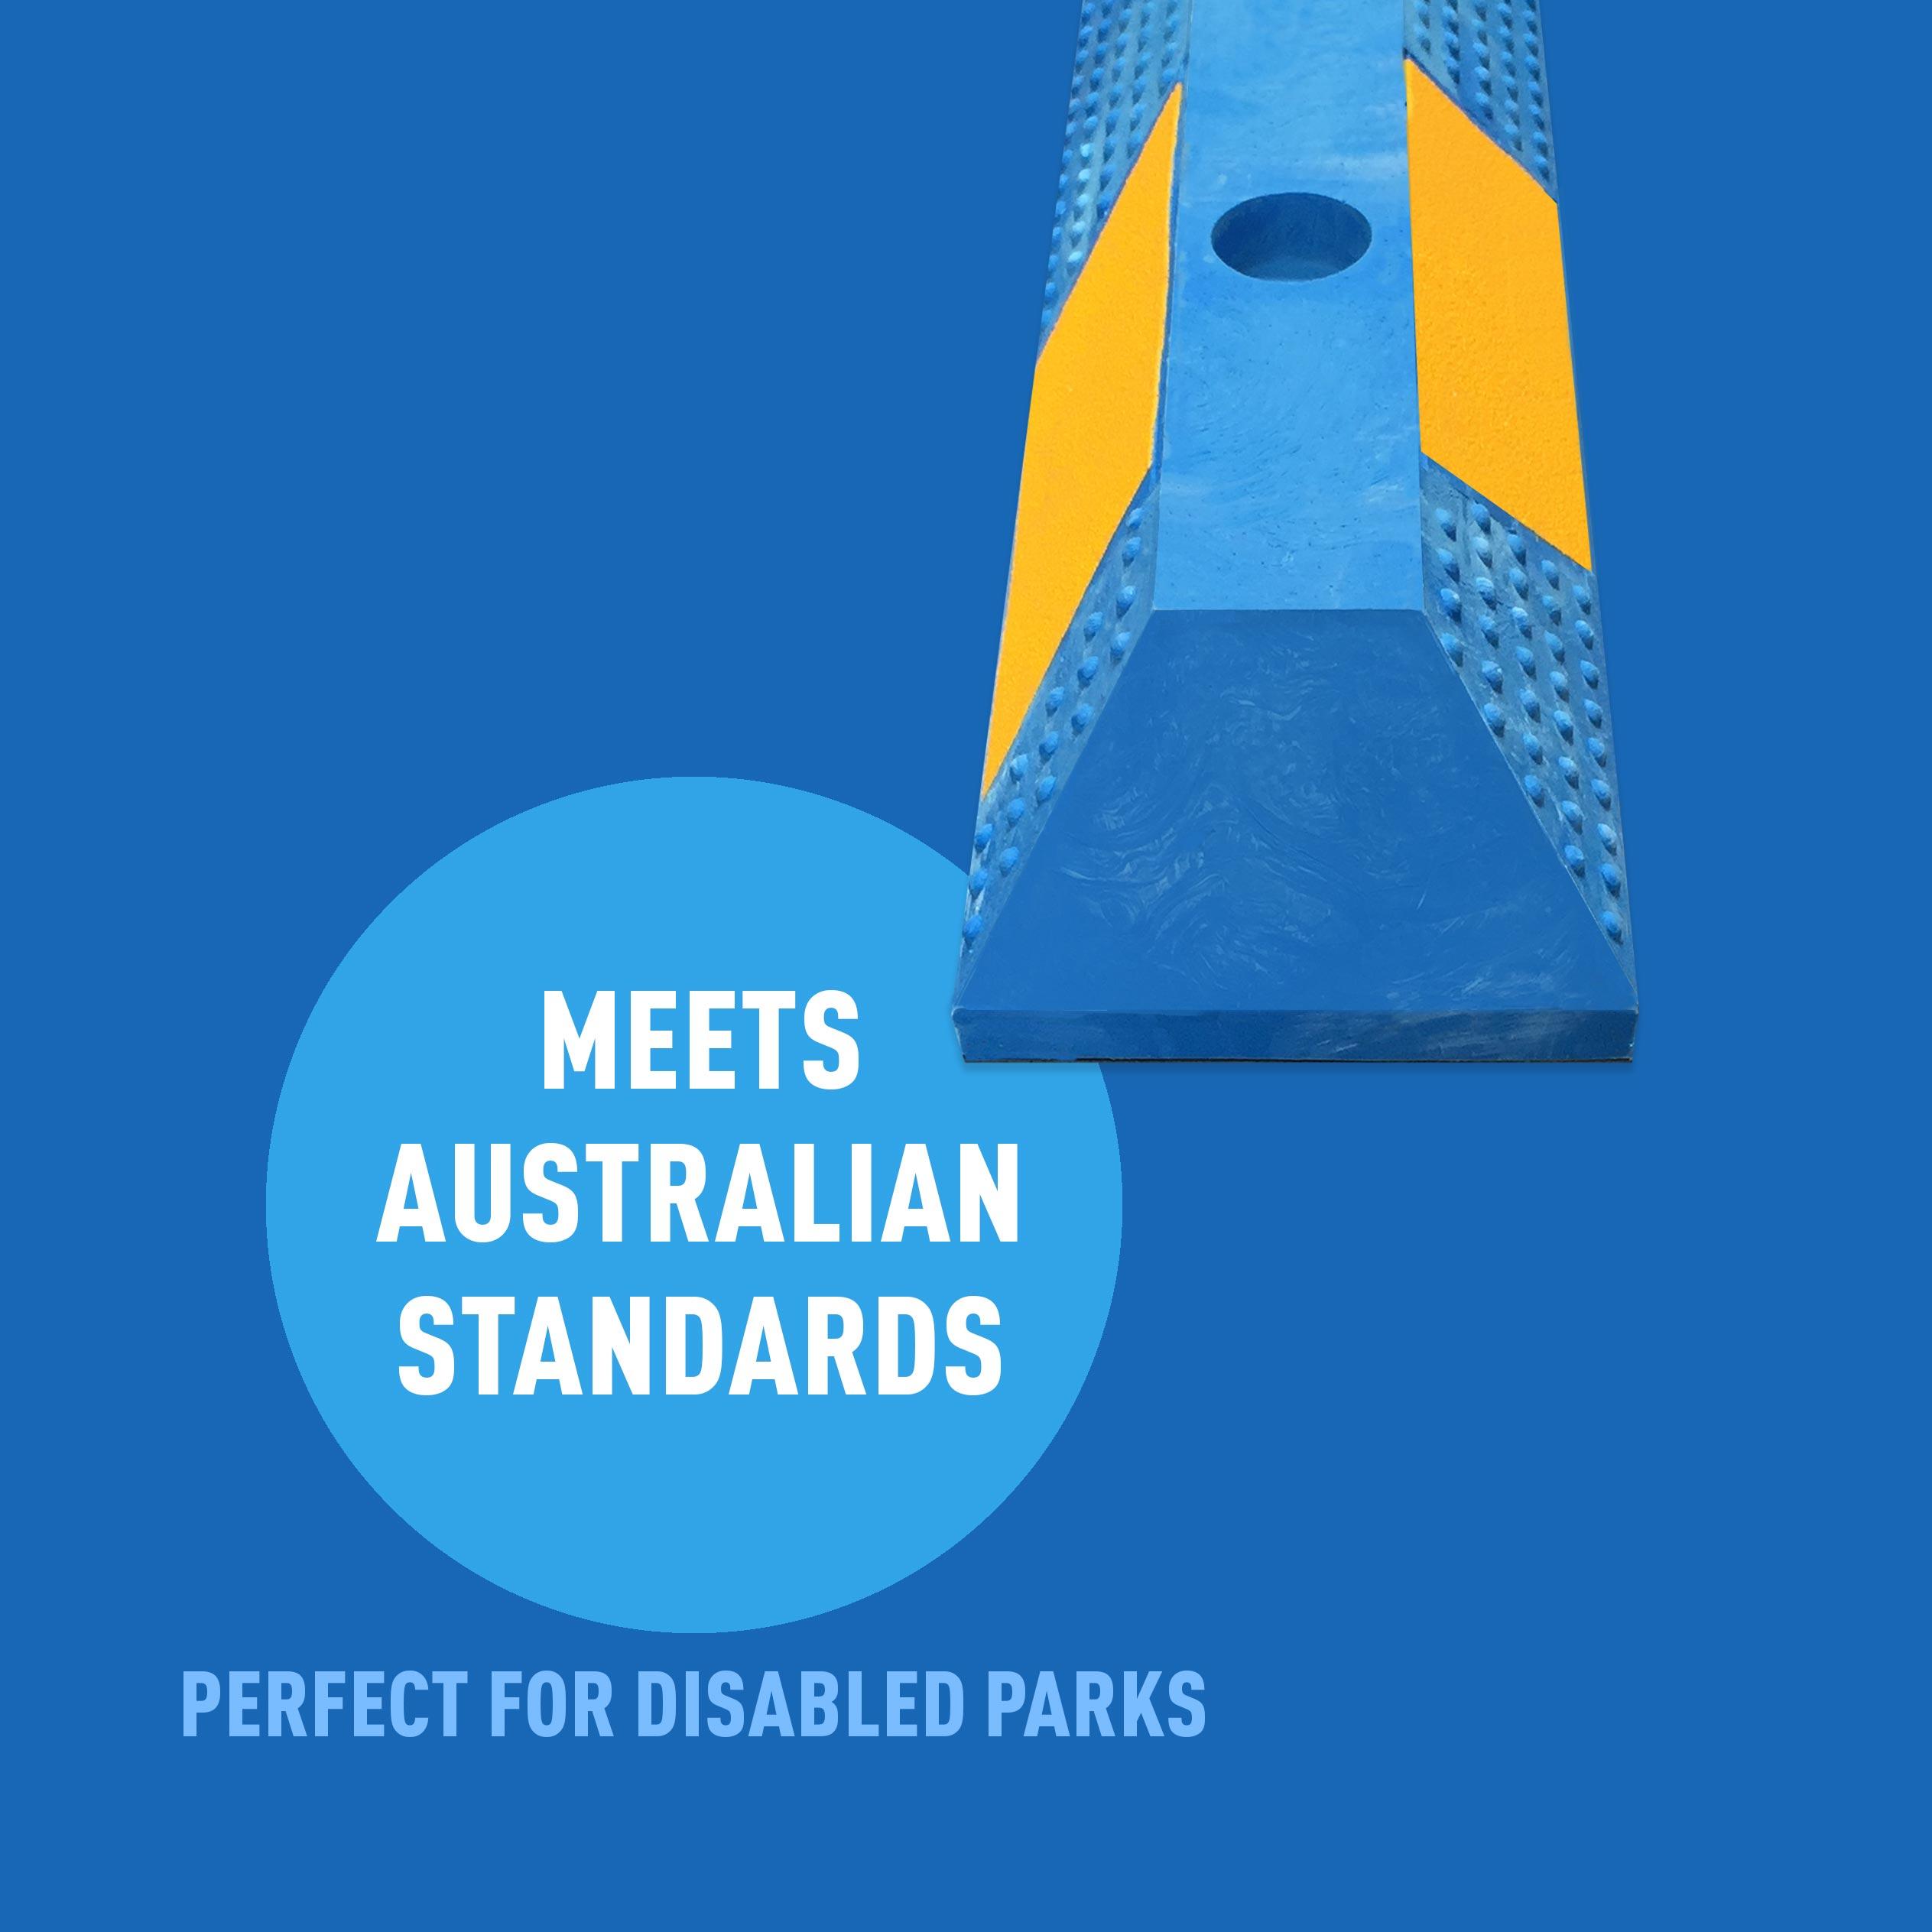 Blue Rubber Wheel Stops - Meets Australian Standards